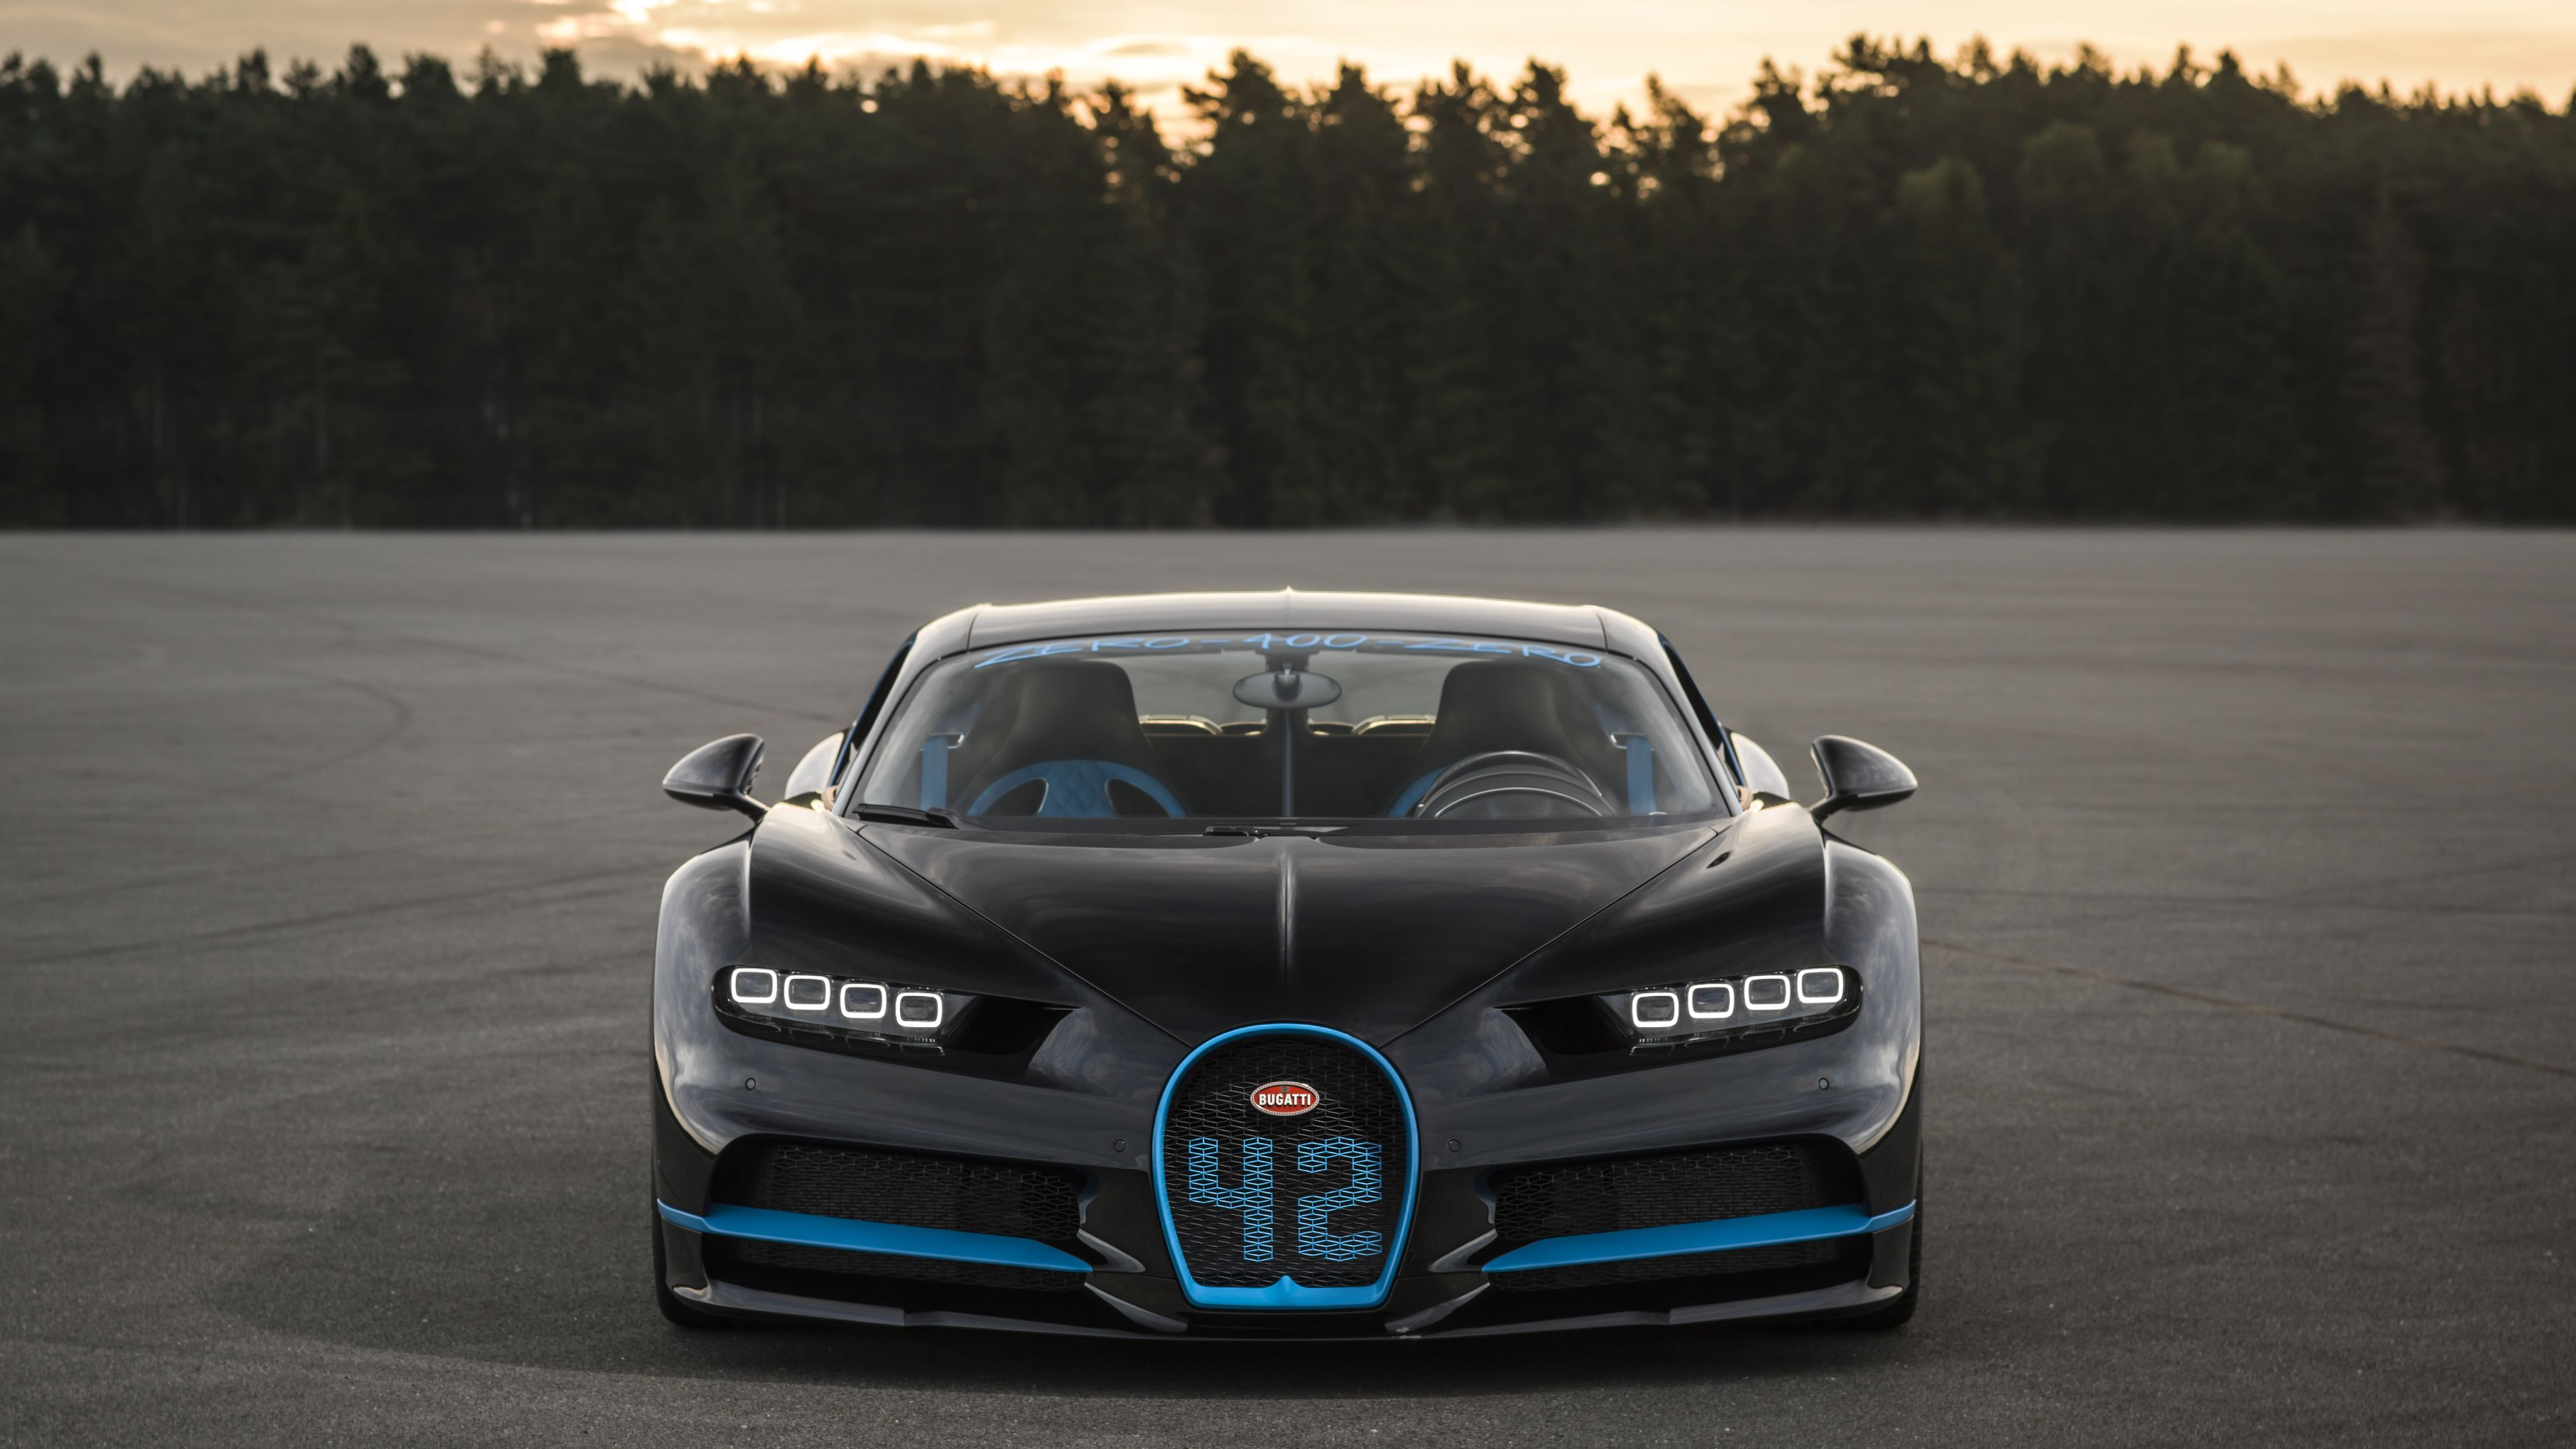 Bugatti Chiron New Photoshoot 4k Hd Wallpapers Cars Wallpapers Bugatti Chiron Wallpapers 5k Wallpapers 4k Wallpap Bugatti Chiron Bugatti Bugatti Wallpapers